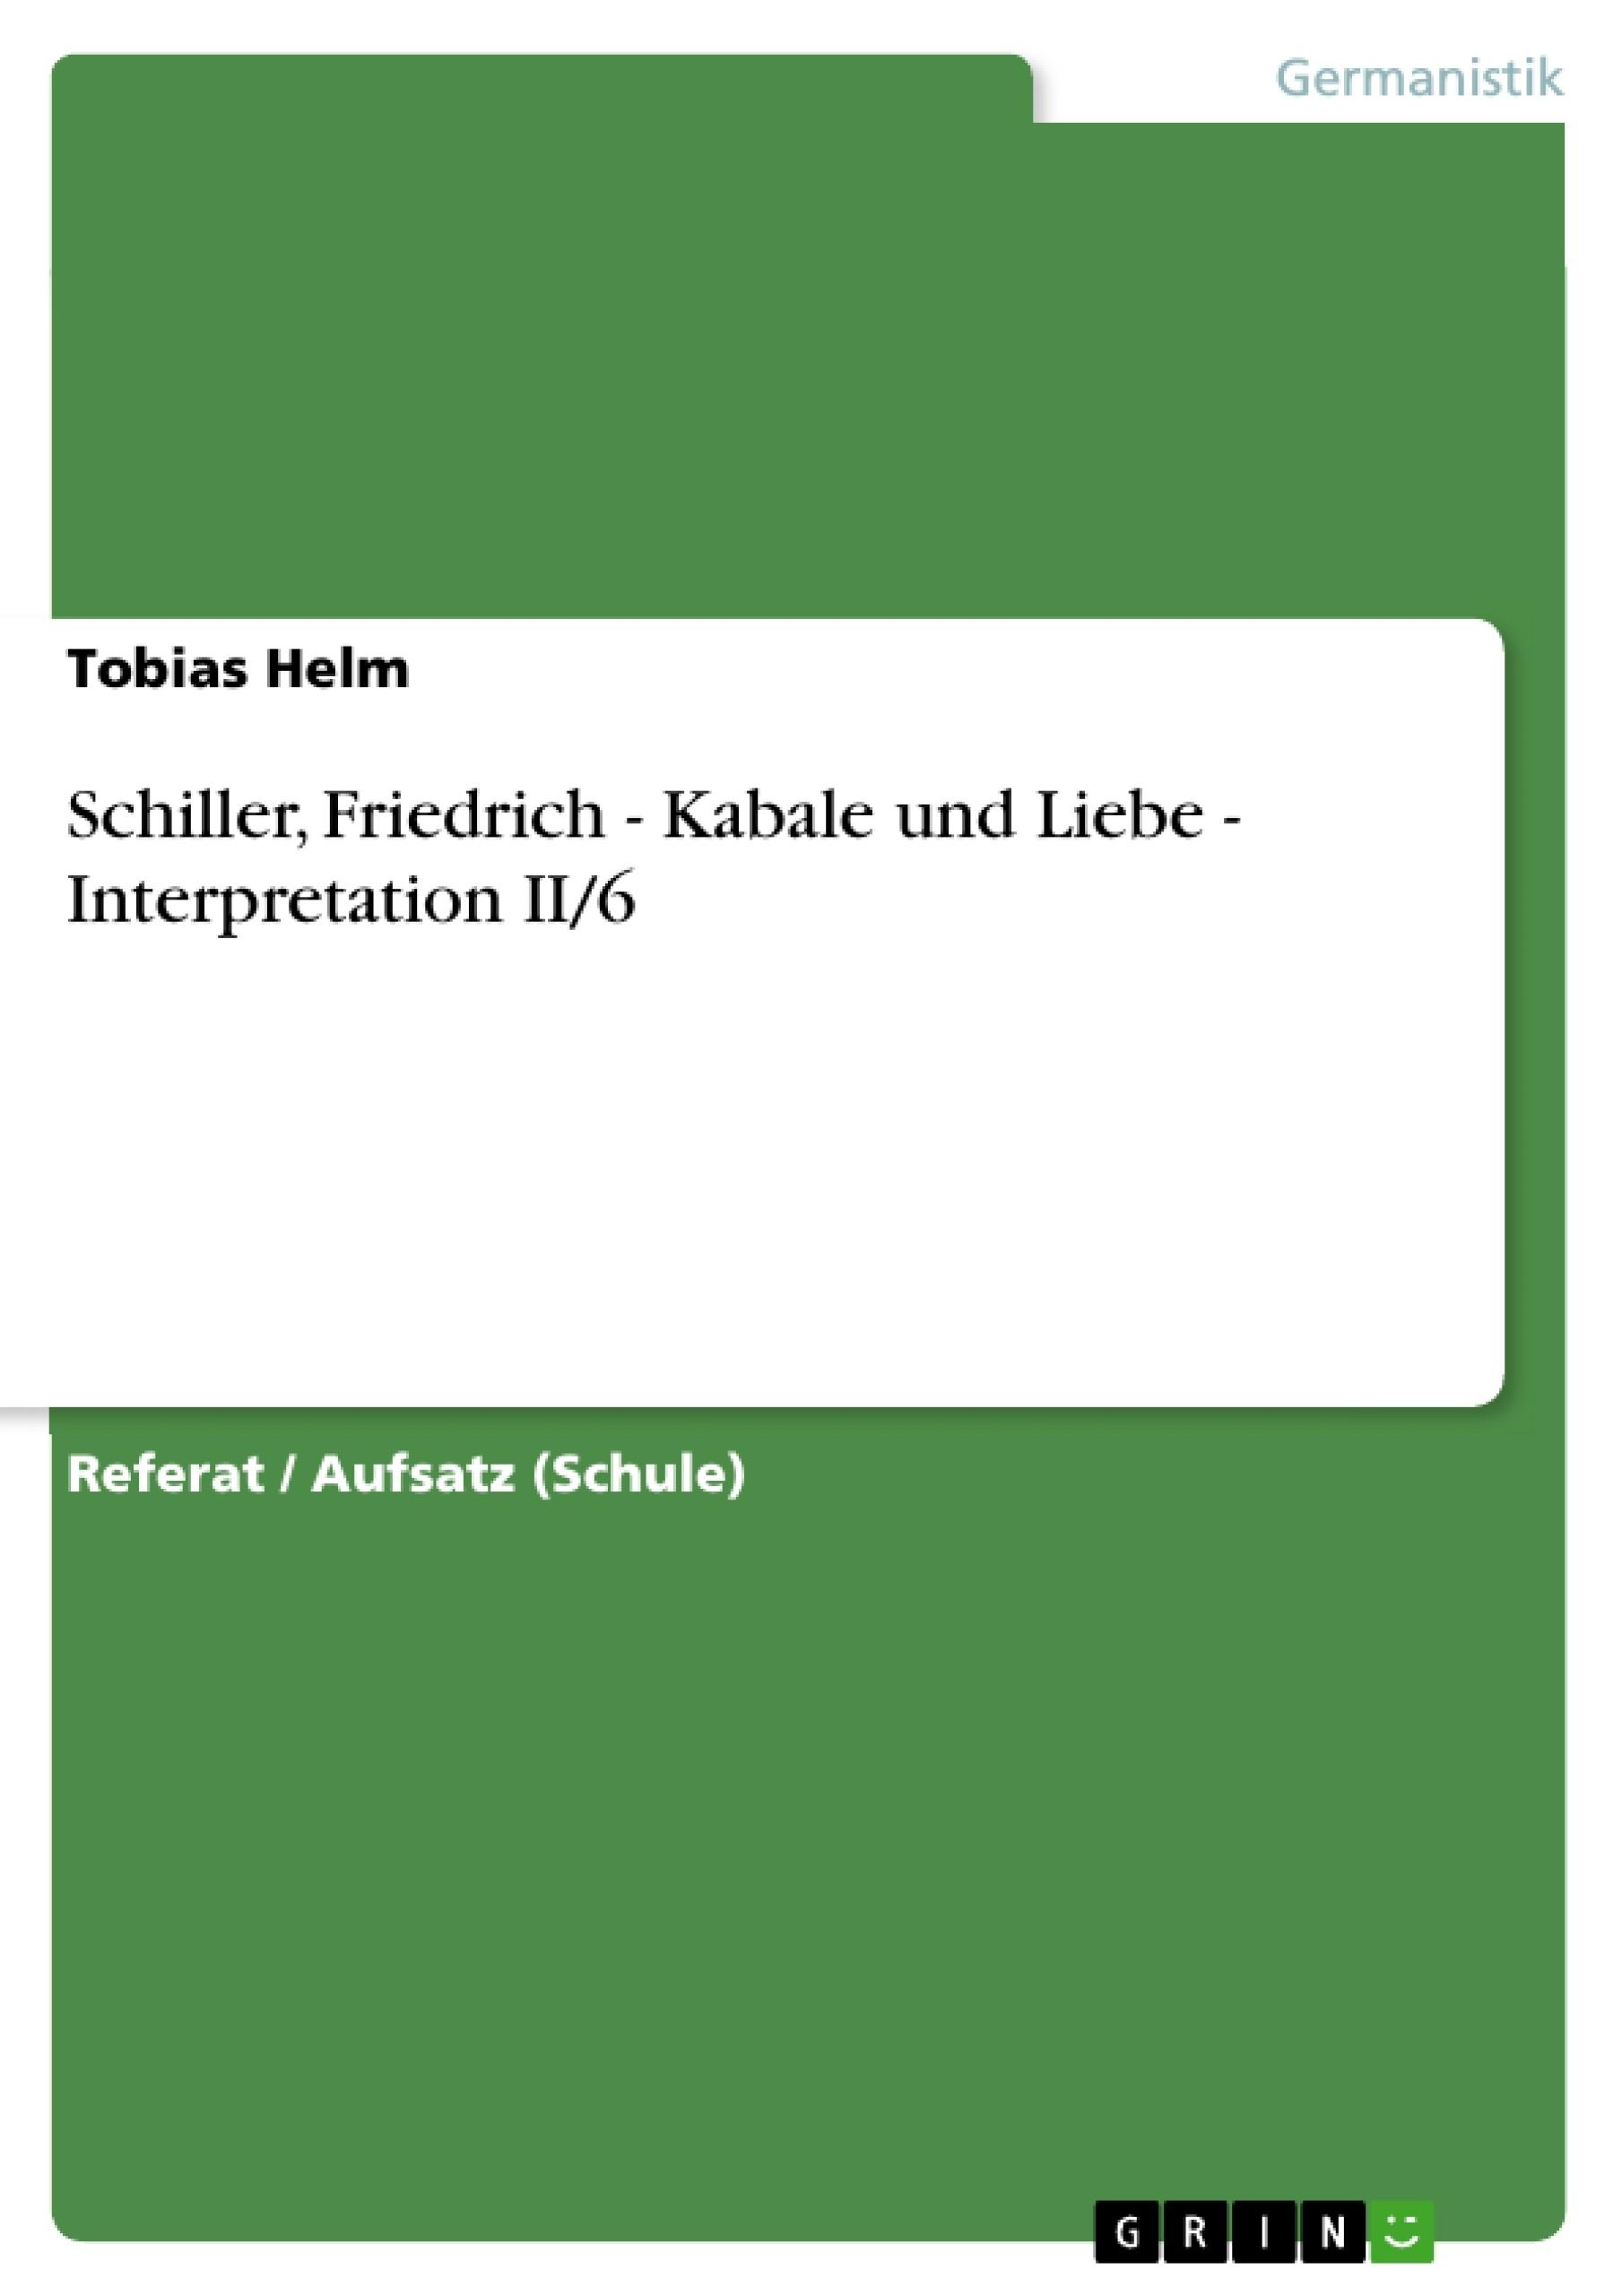 Titel: Schiller, Friedrich - Kabale und Liebe - Interpretation II/6